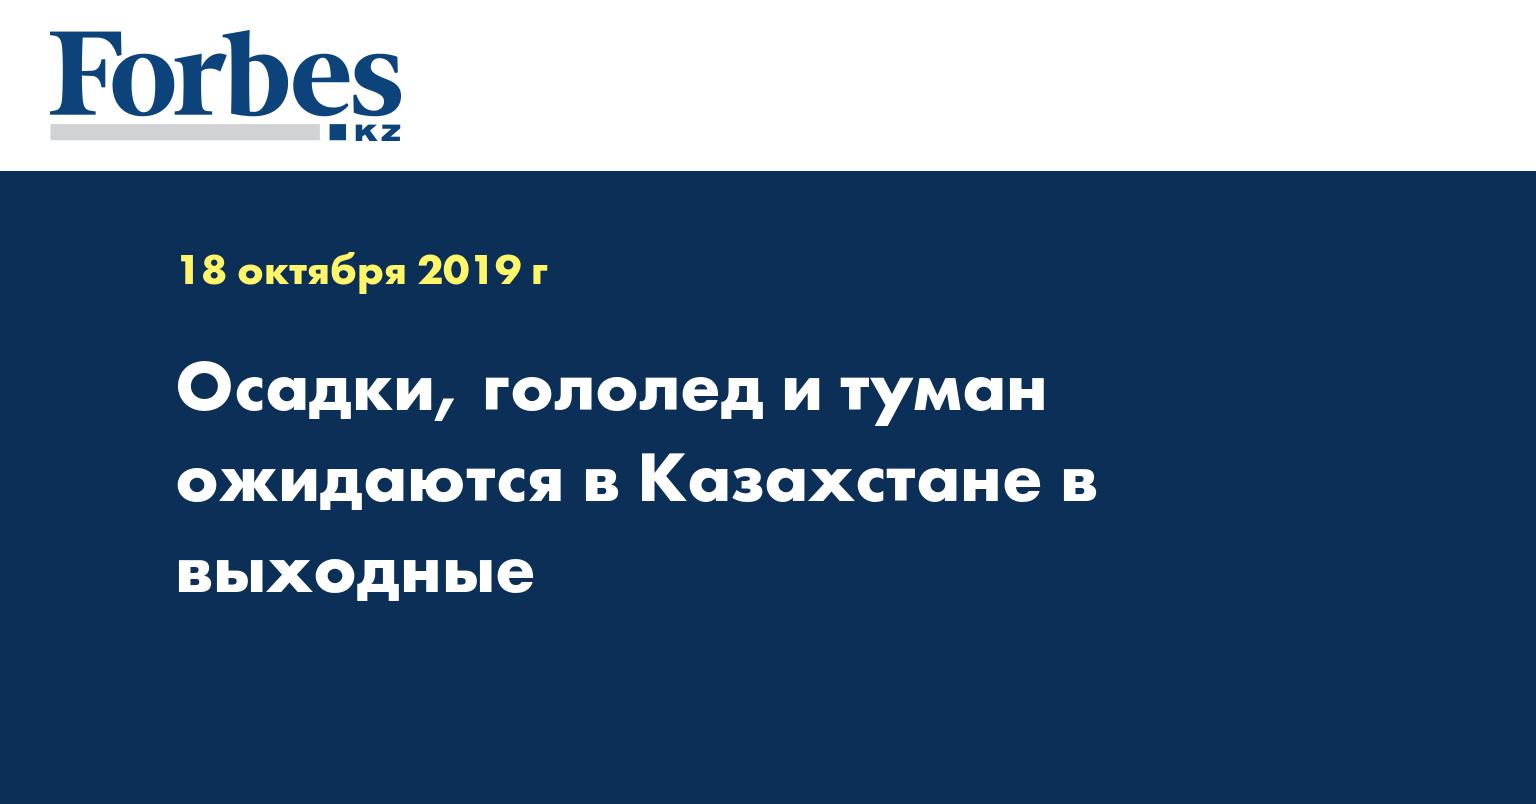 Осадки, гололед и туман ожидаются в Казахстане в выходные